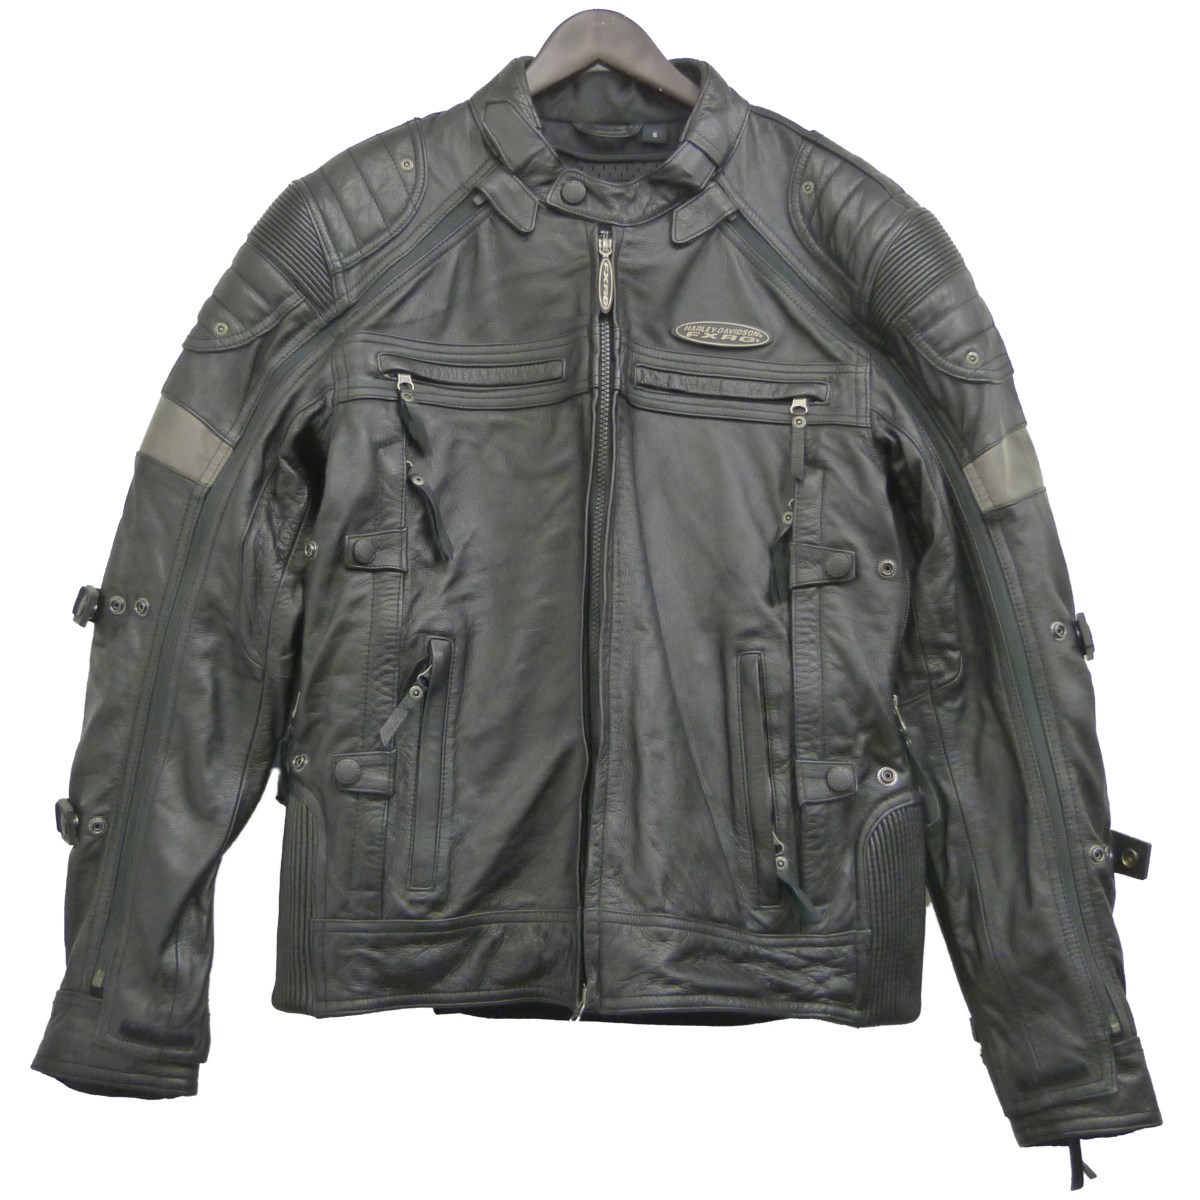 【中古】HARLEY-DAVIDSON 「FXRG Switchback Leather Jacket」レザージャケット ブラック サイズ:S 【060520】(ハーレーダビッドソン)